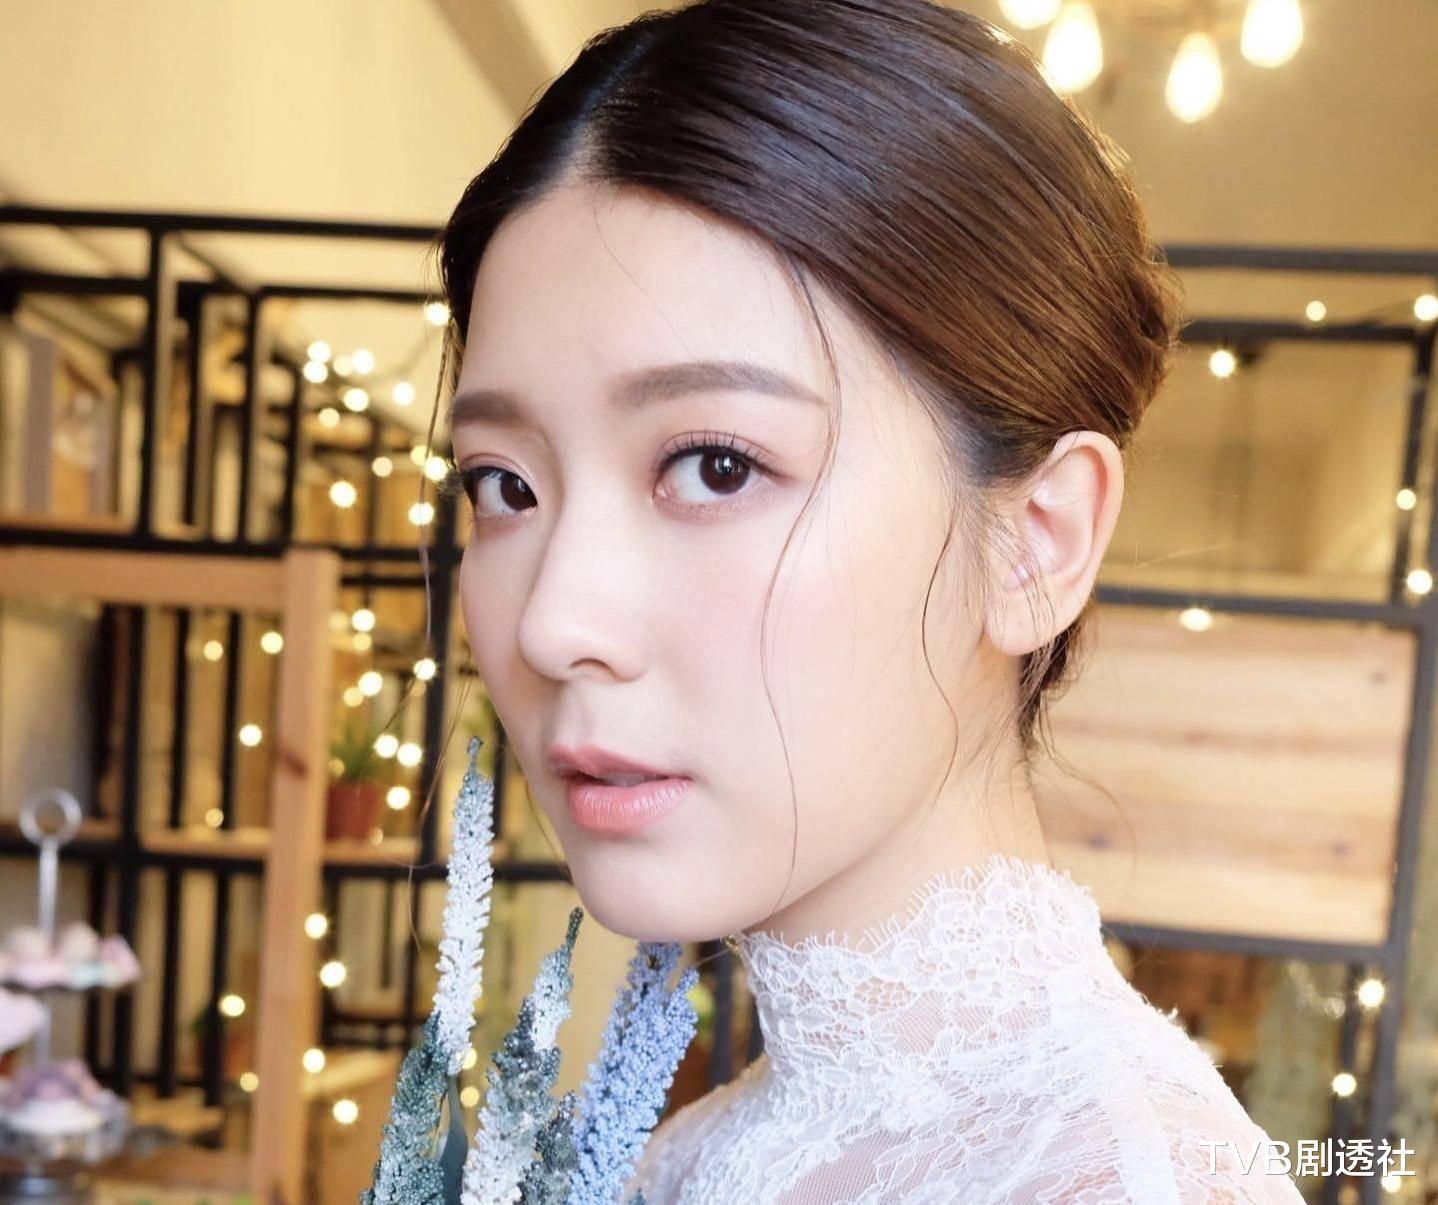 27歲香港著名女星被曝未婚先孕,並將趕在下月登記結婚-圖4